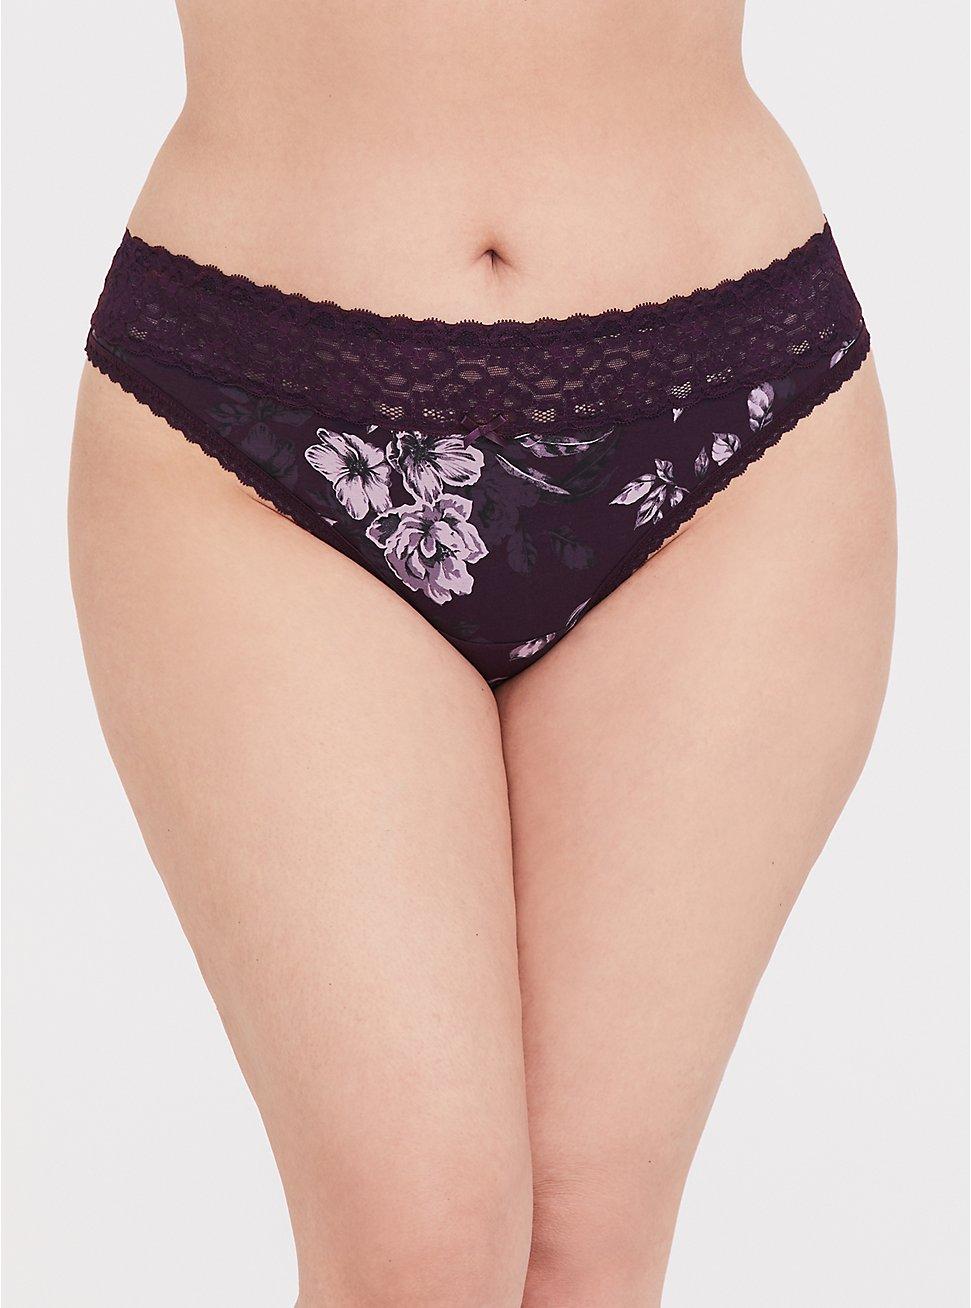 Plus Size Grape Purple Floral Wide Lace Cotton Thong Panty, FLORALS-PURPLE, hi-res